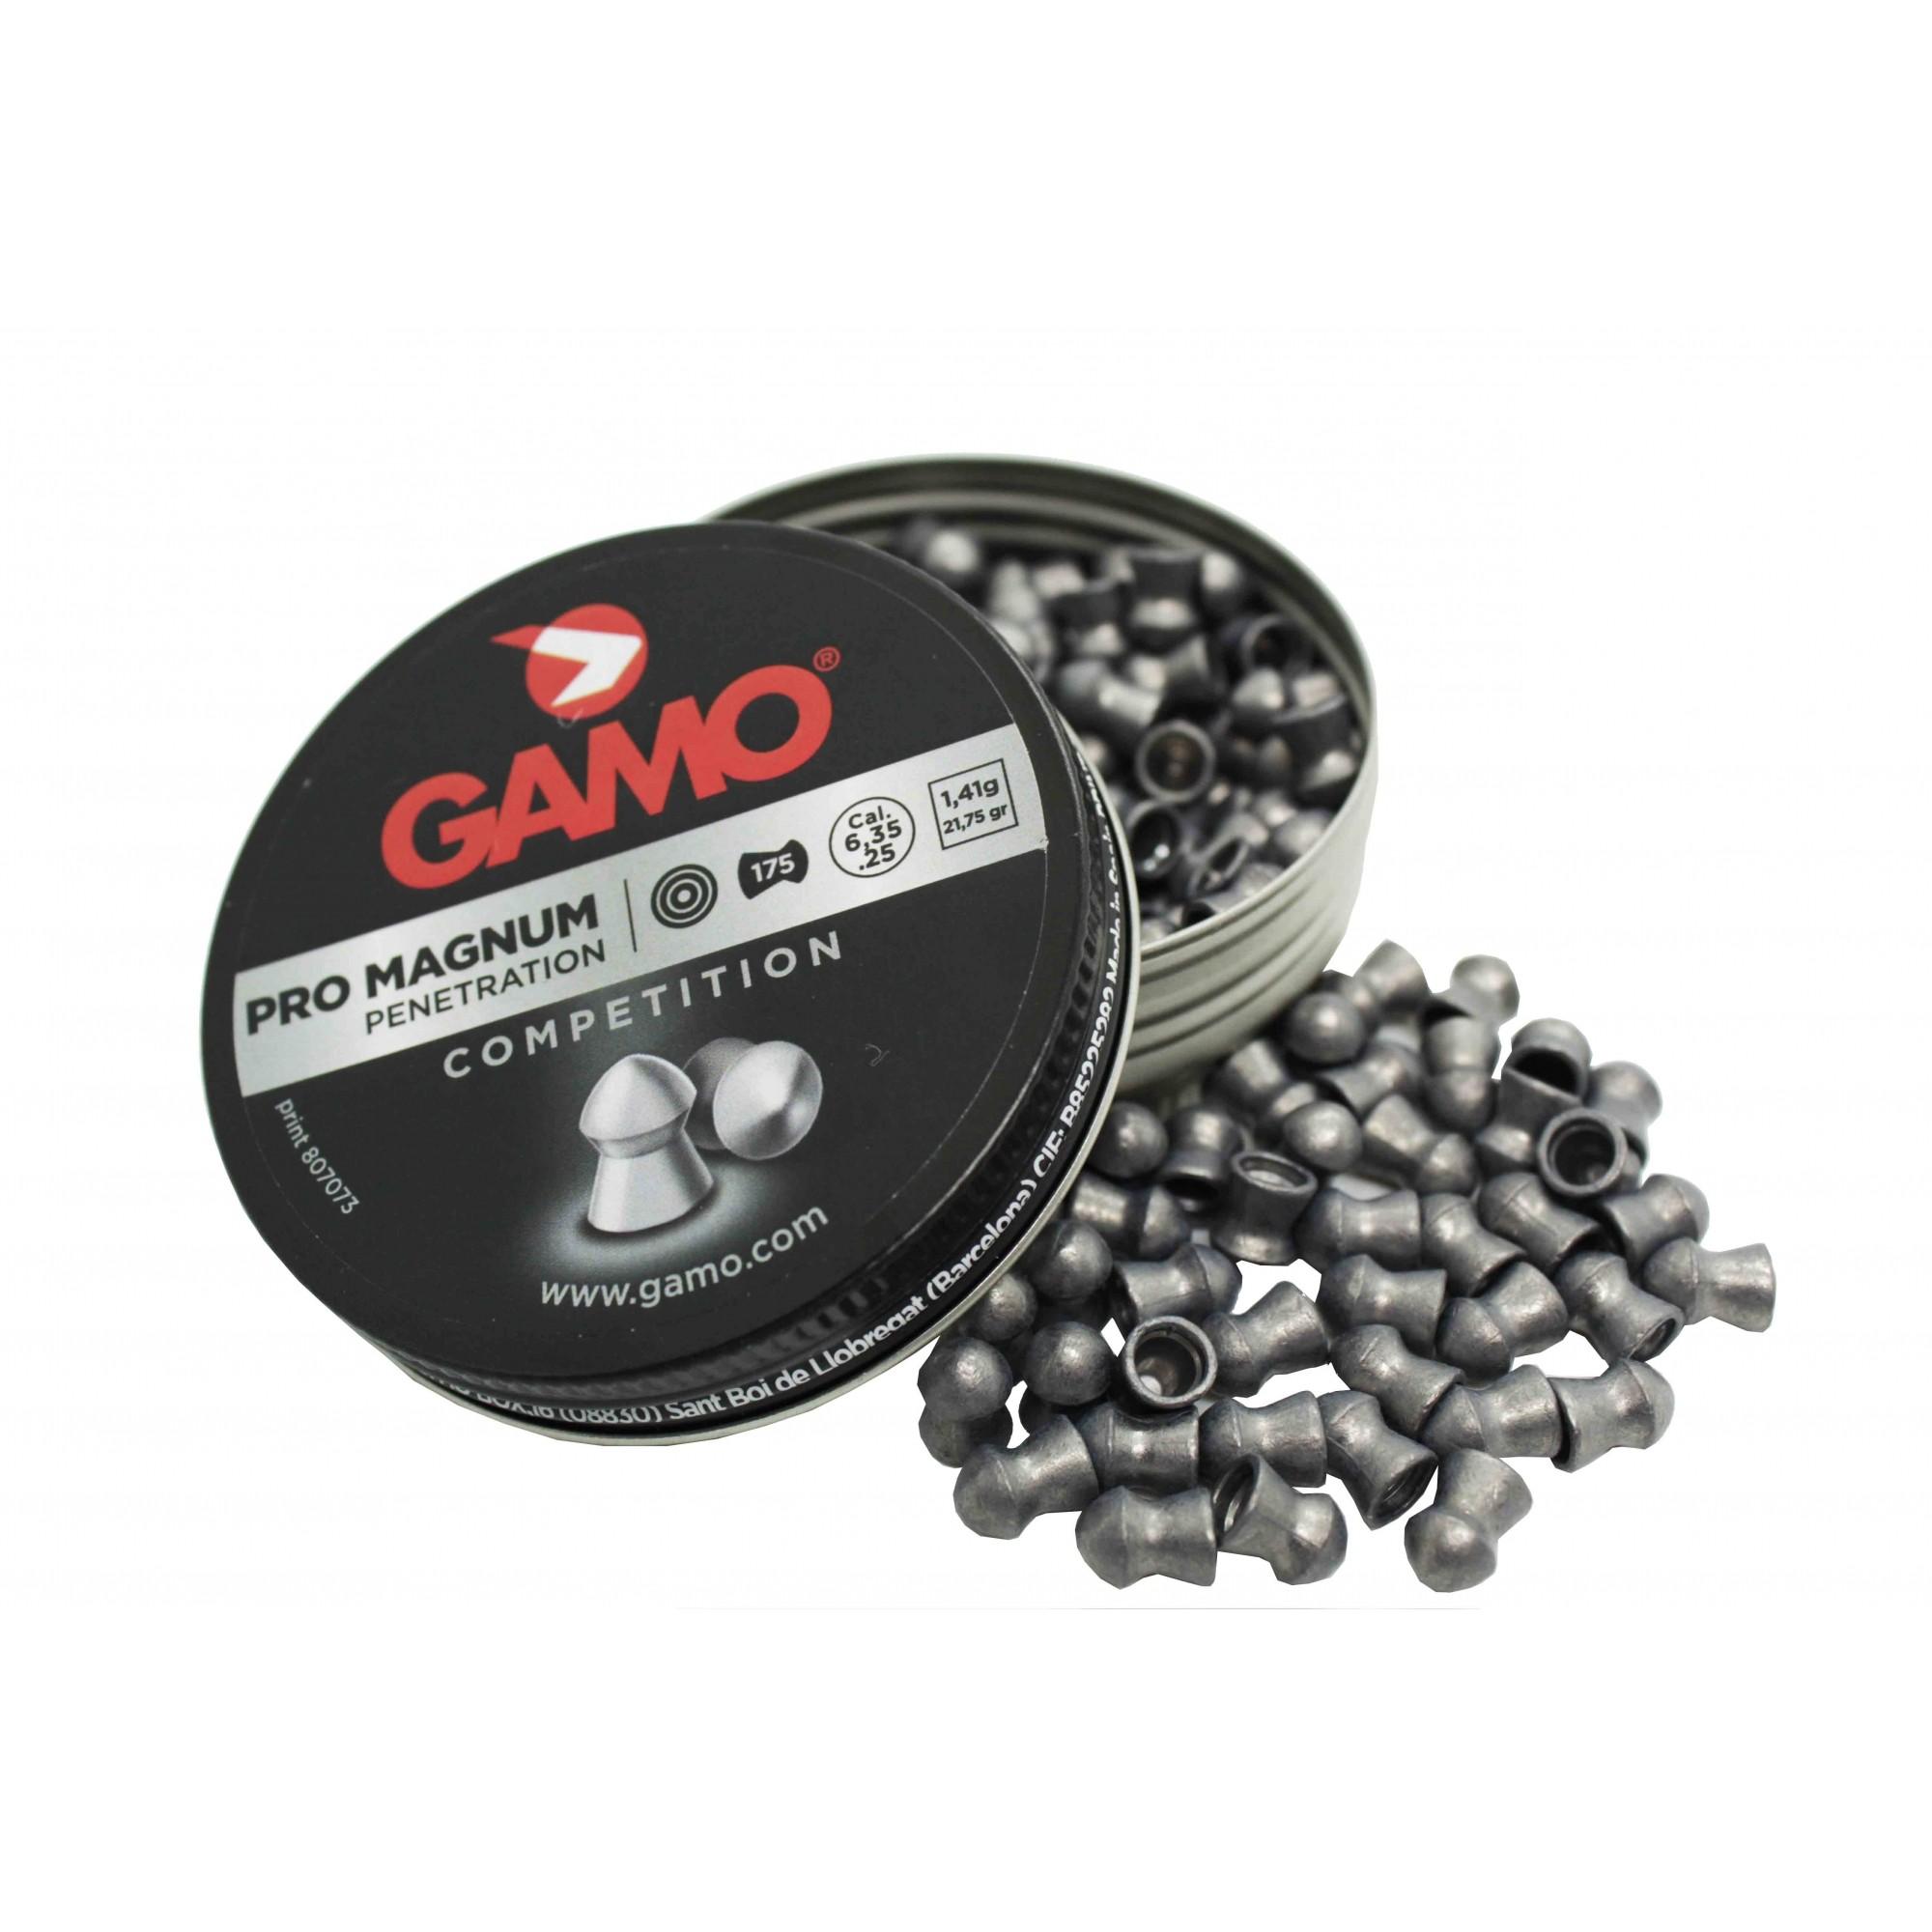 Chumbinho Gamo Pro Magnum 6,35mm 175 Und